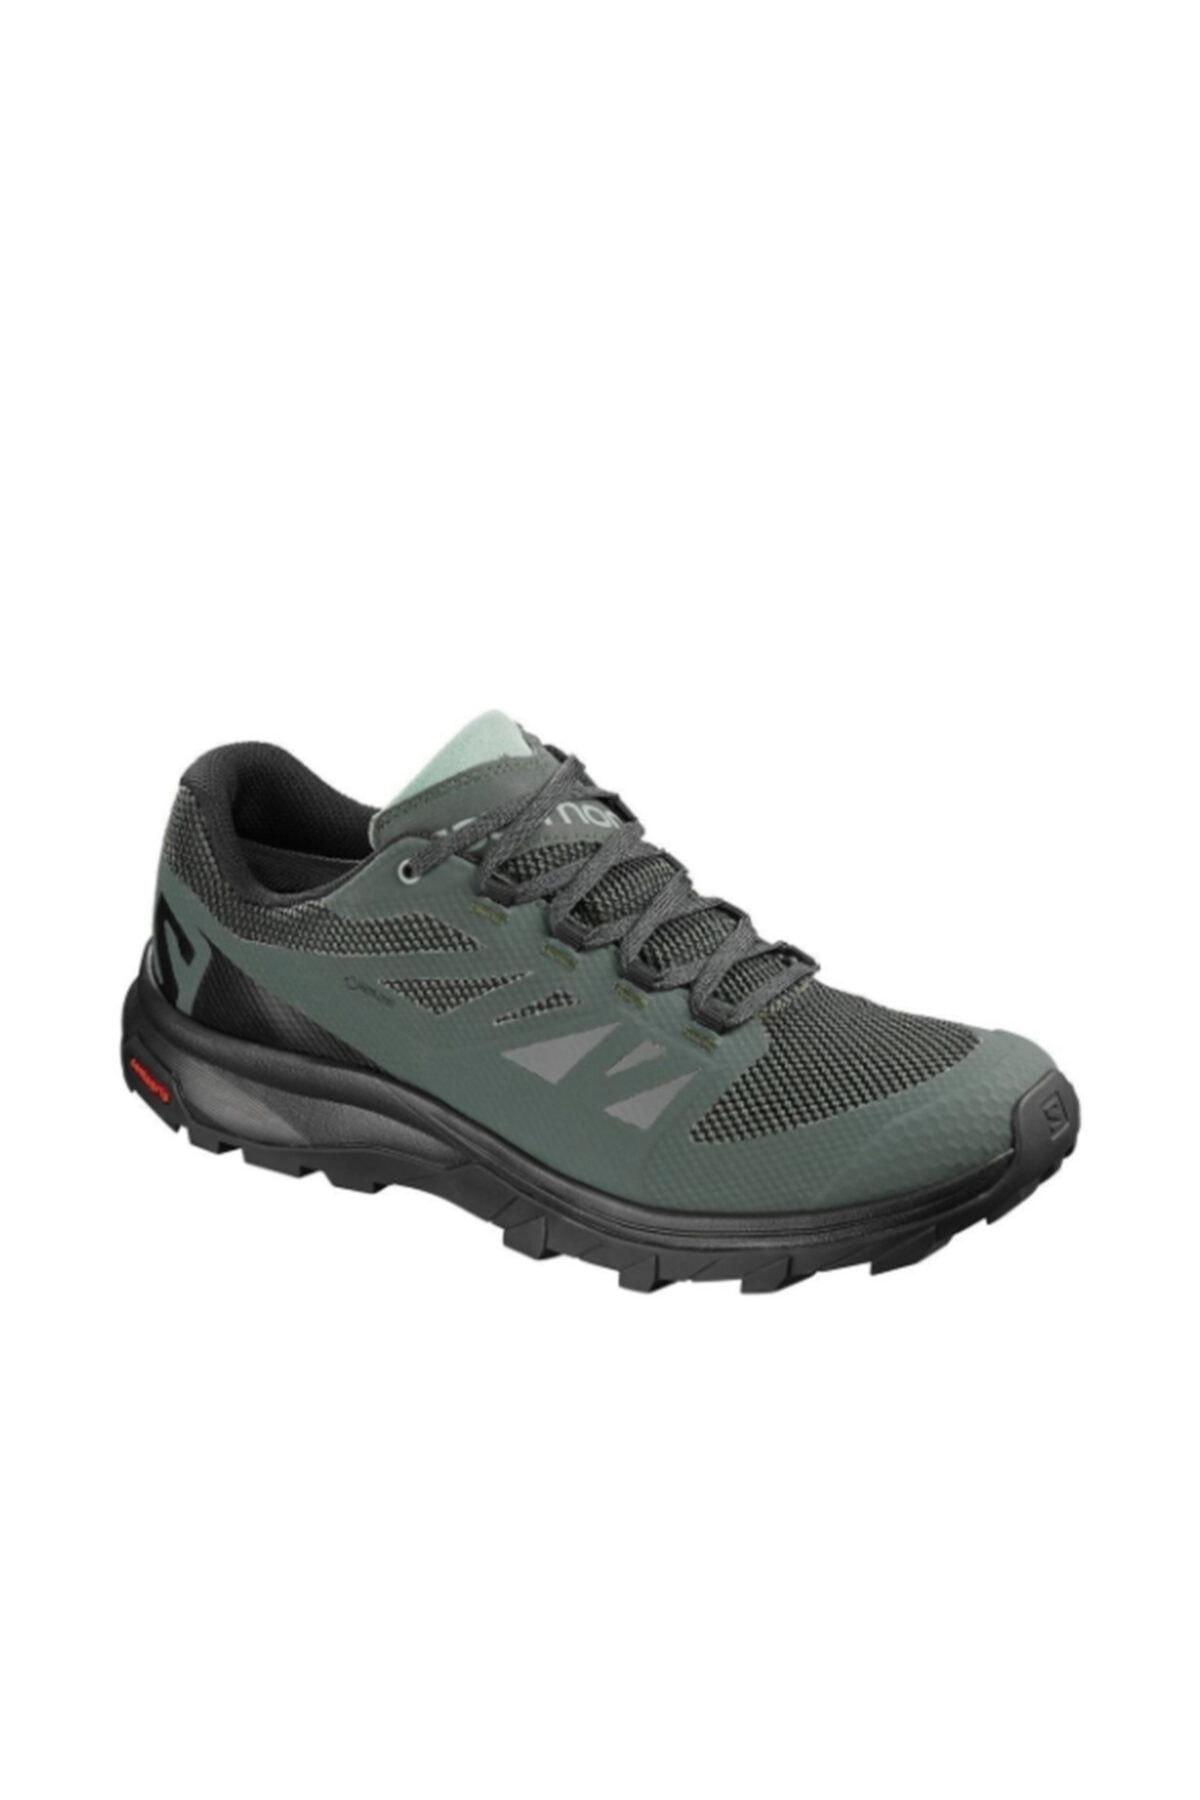 Salomon Outline Gtx® Trekking Erkek Ayakkabı L40477100 1